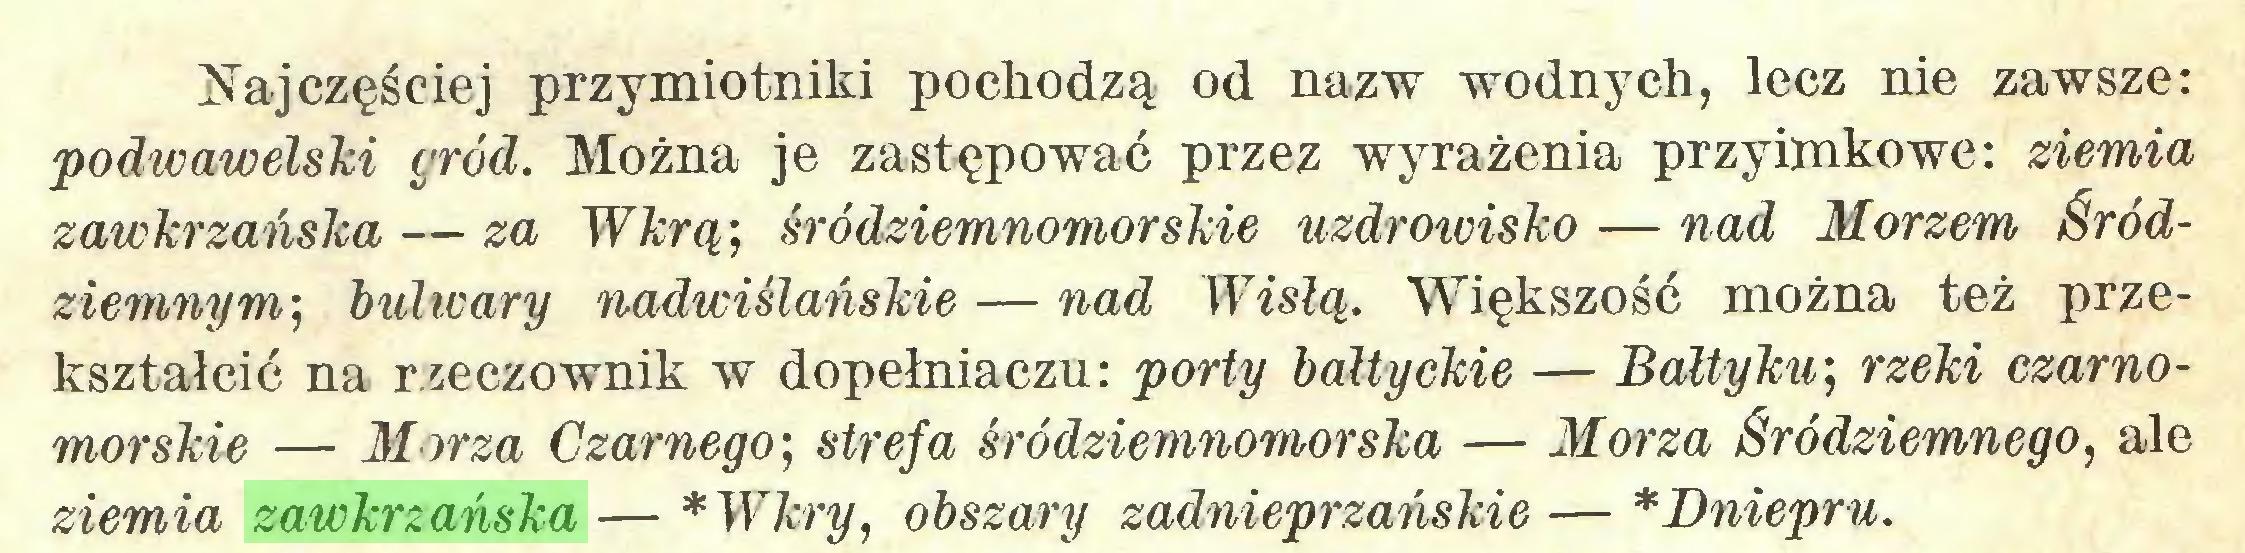 (...) Najczęściej przymiotniki pochodzą od nazw wodnych, lecz nie zawsze: podwawelski gród. Można je zastępować przez wyrażenia przyimkowe: ziemia zawkrzańska — za Wkrą; śródziemnomorskie uzdrowisko — nad Morzem Śródziemnym', bulwary nadwiślańskie — nad Wisłą. Większość można też przekształcić na rzeczownik w dopełniaczu: porty bałtyckie — Bałtyku', rzeki czarnomorskie — Morza Czarnego', strefa śródziemnomorska — Morza Śródziemnego, ale ziemia zawkrzańska — *Wkry, obszary zadnieprzańskie — * Dniepru...